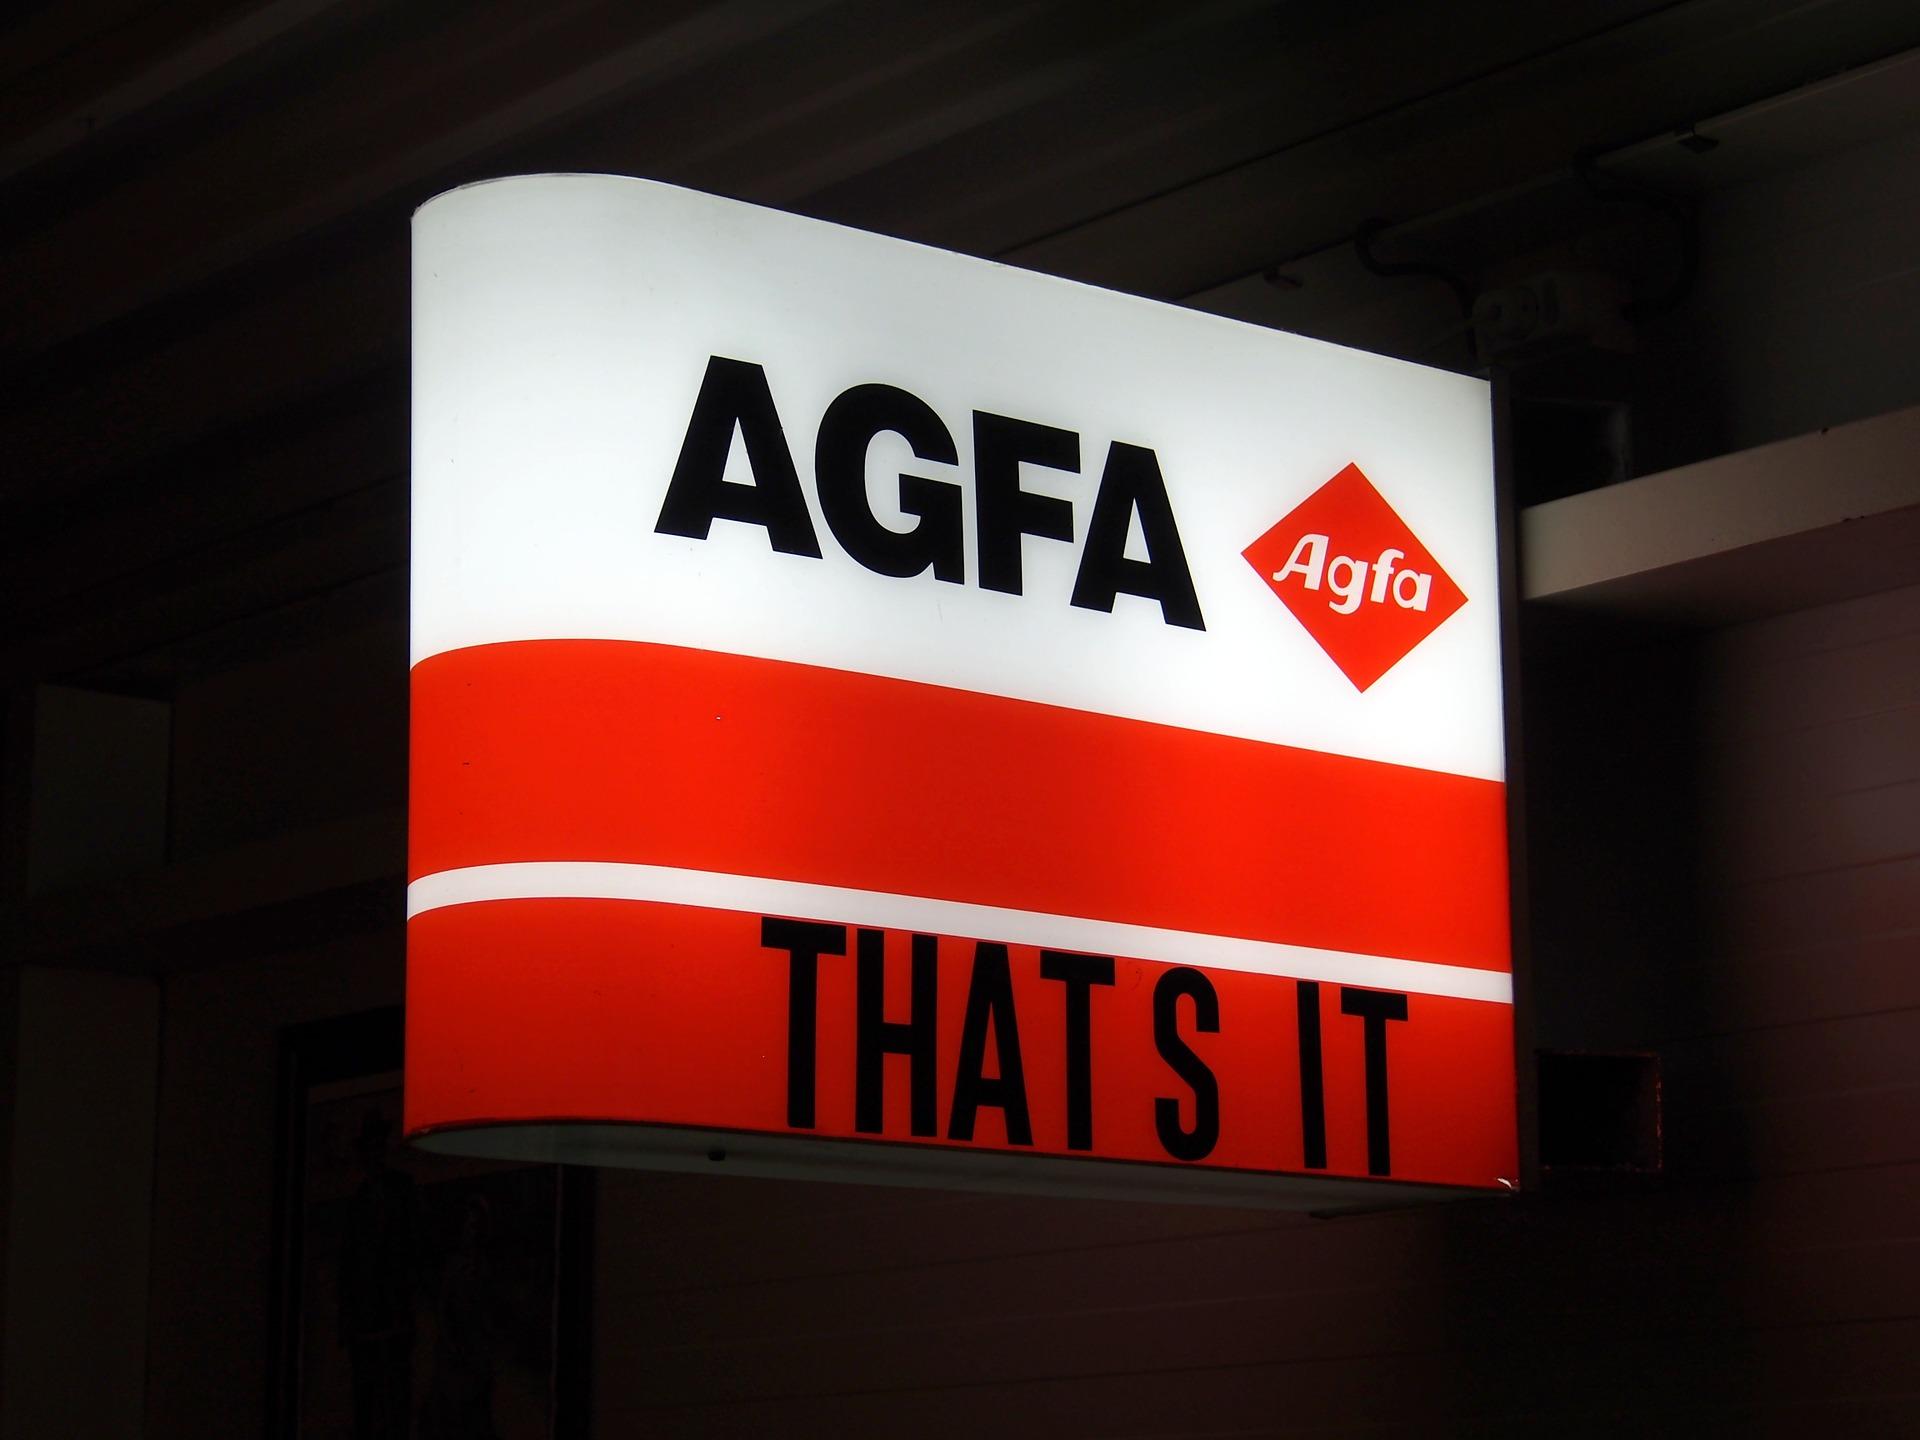 agfa-872395_1920